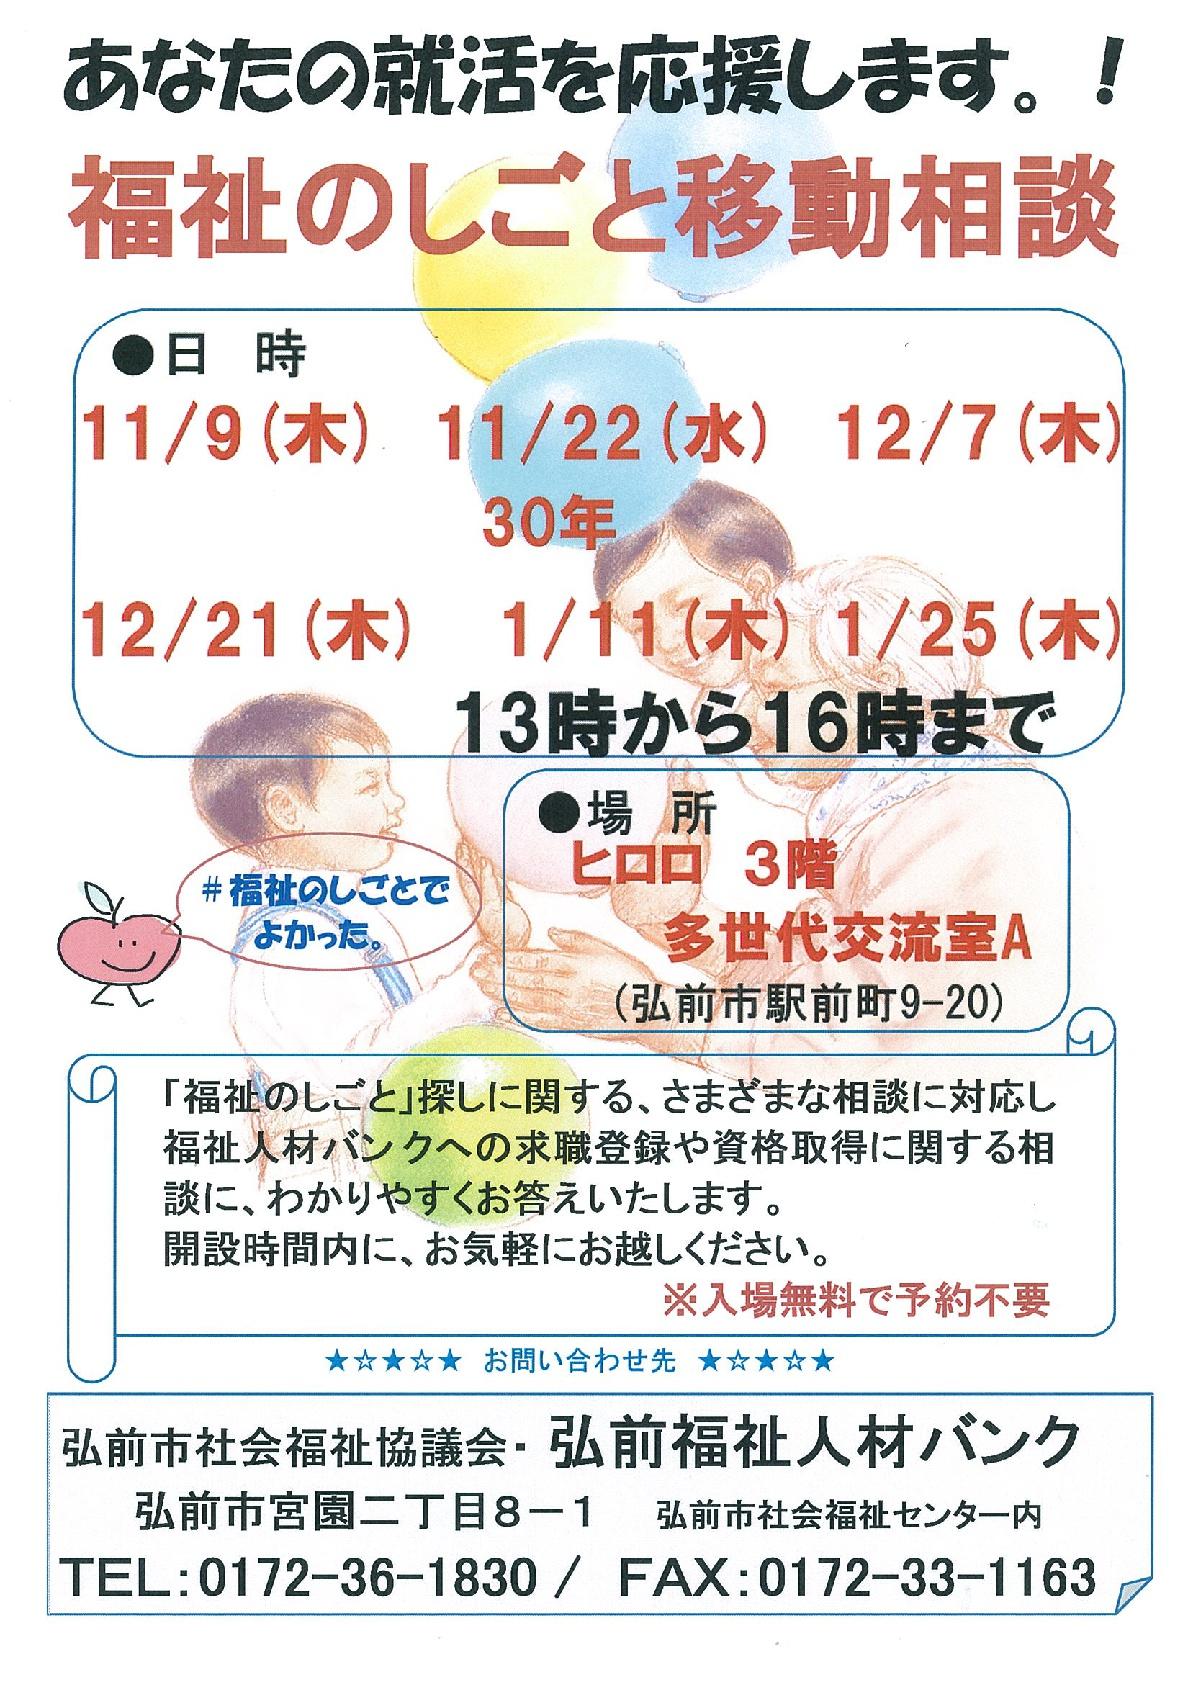 福祉のしごと移動相談-001.jpg